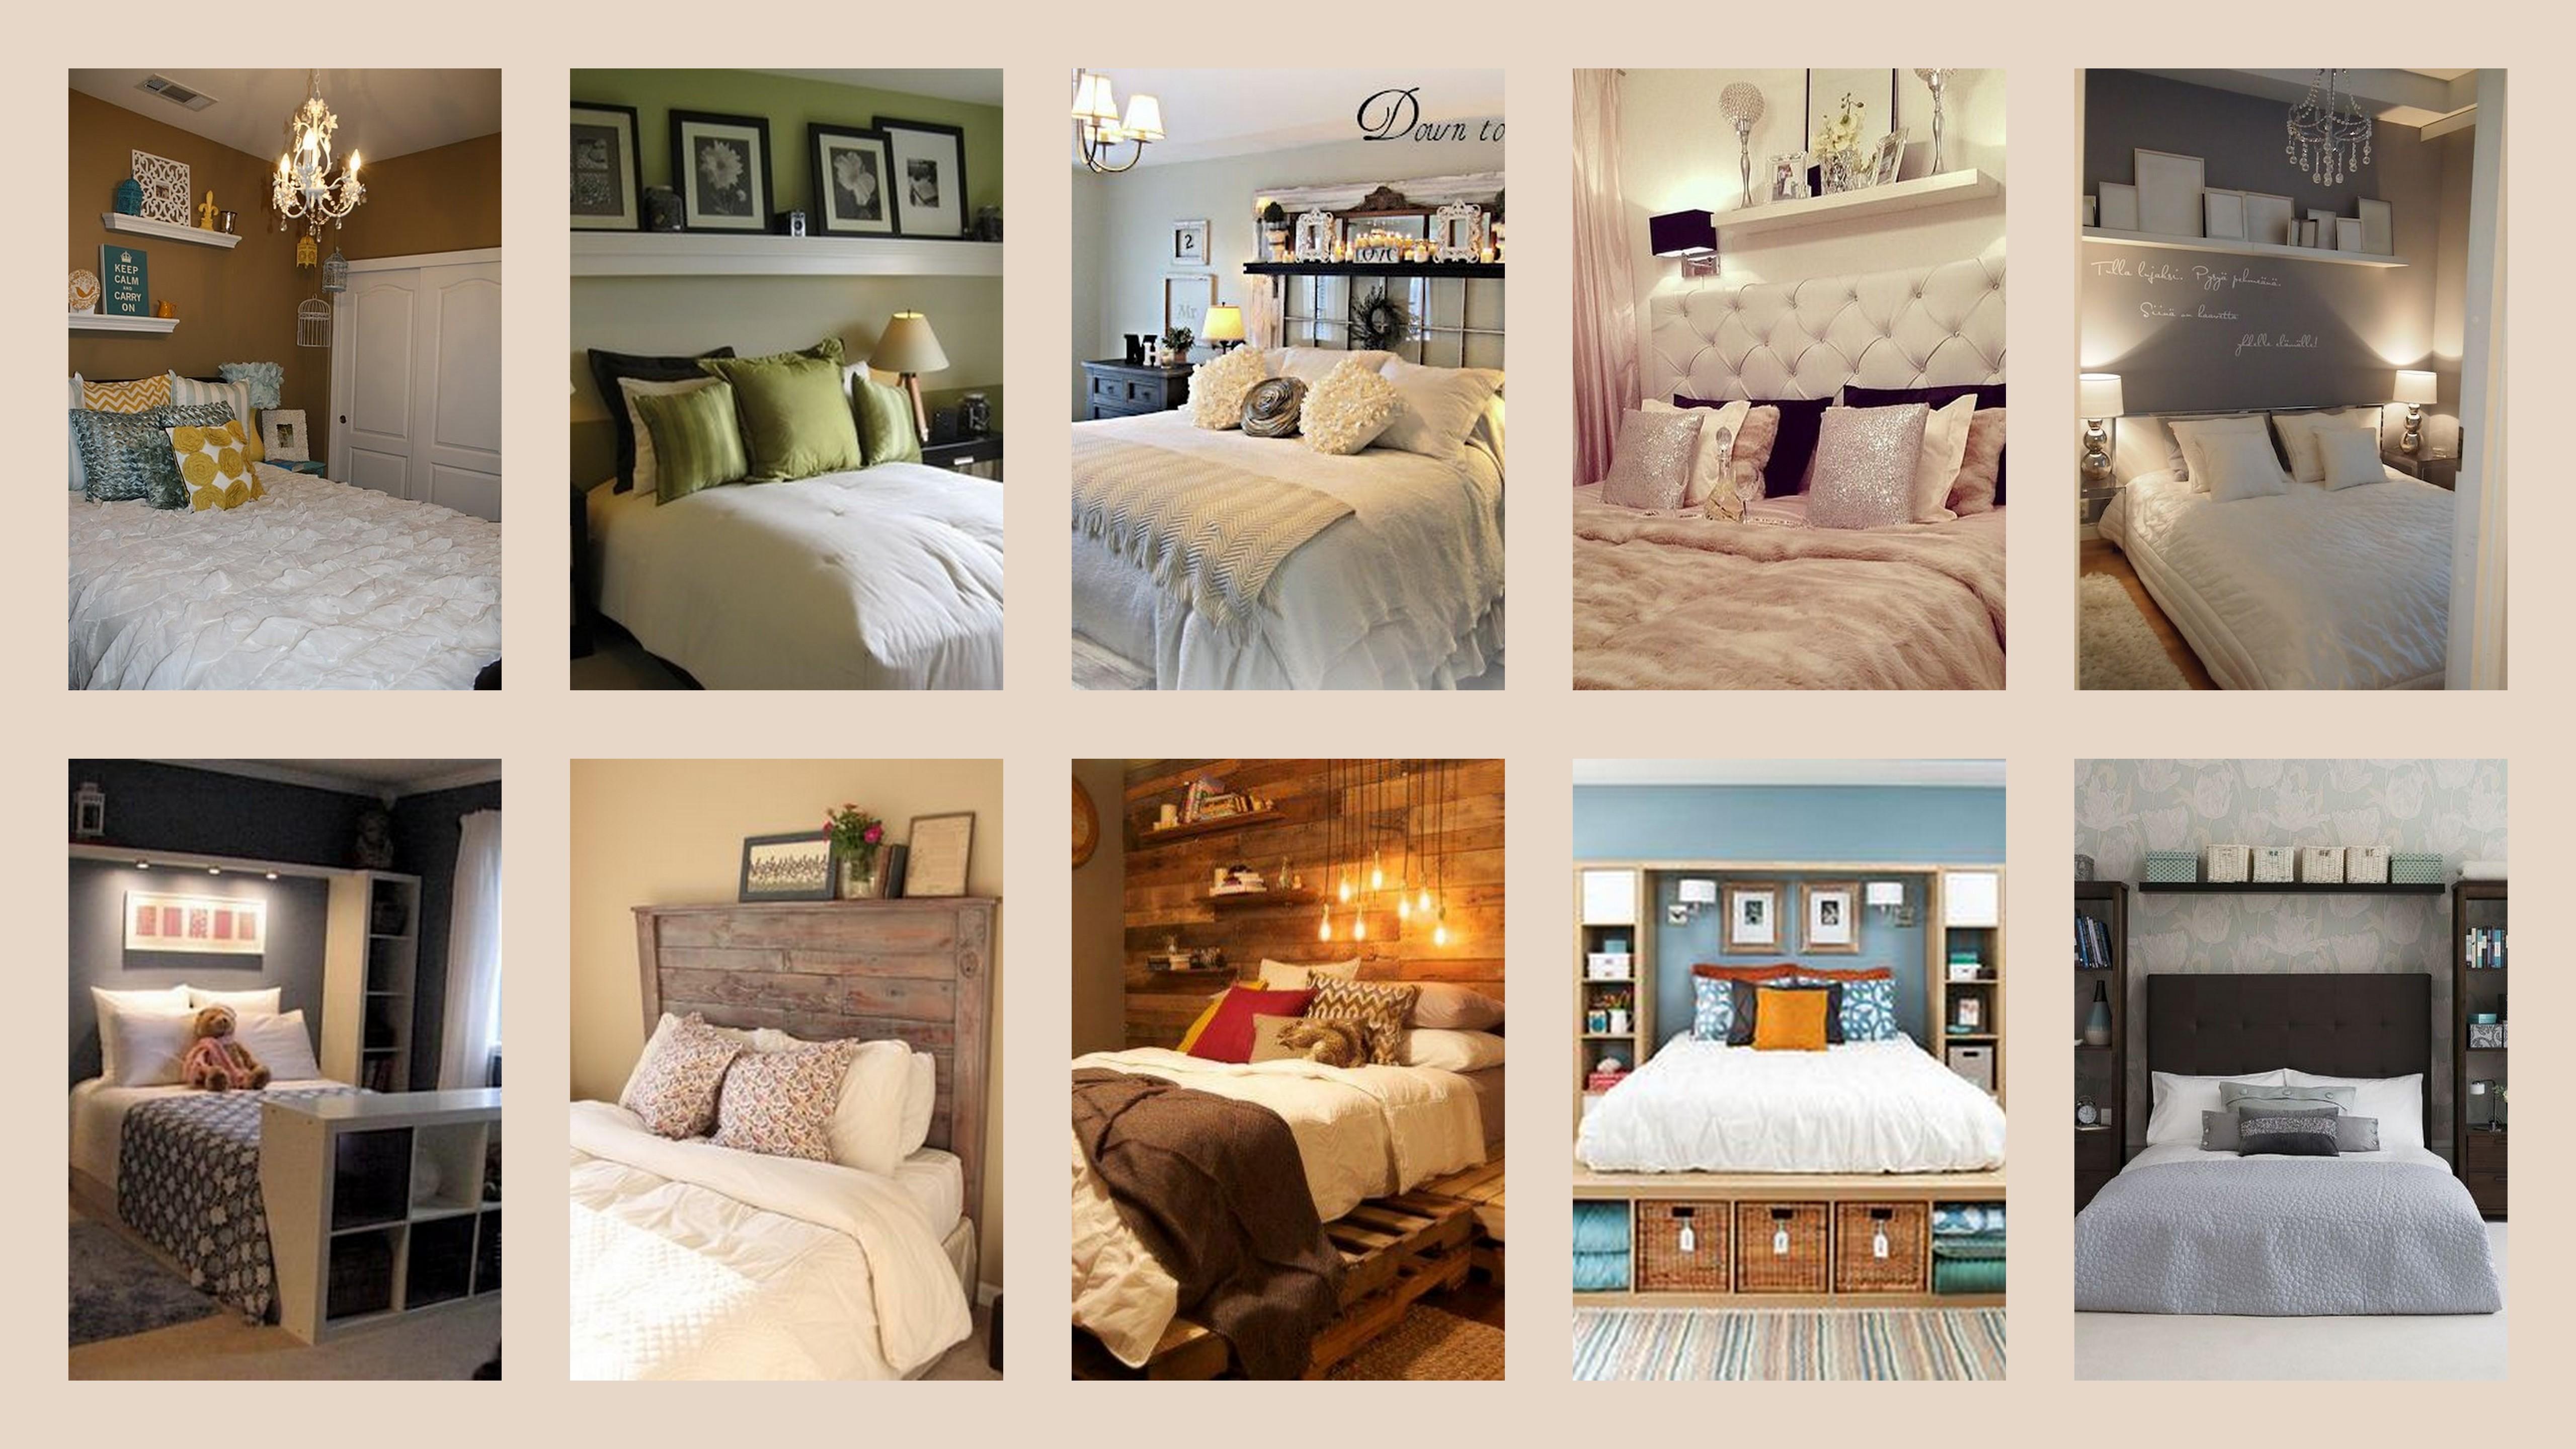 Slaapkamer Gezellig Maken : Mijn favoriete slaapkamer inrichting gewoon iets met loes